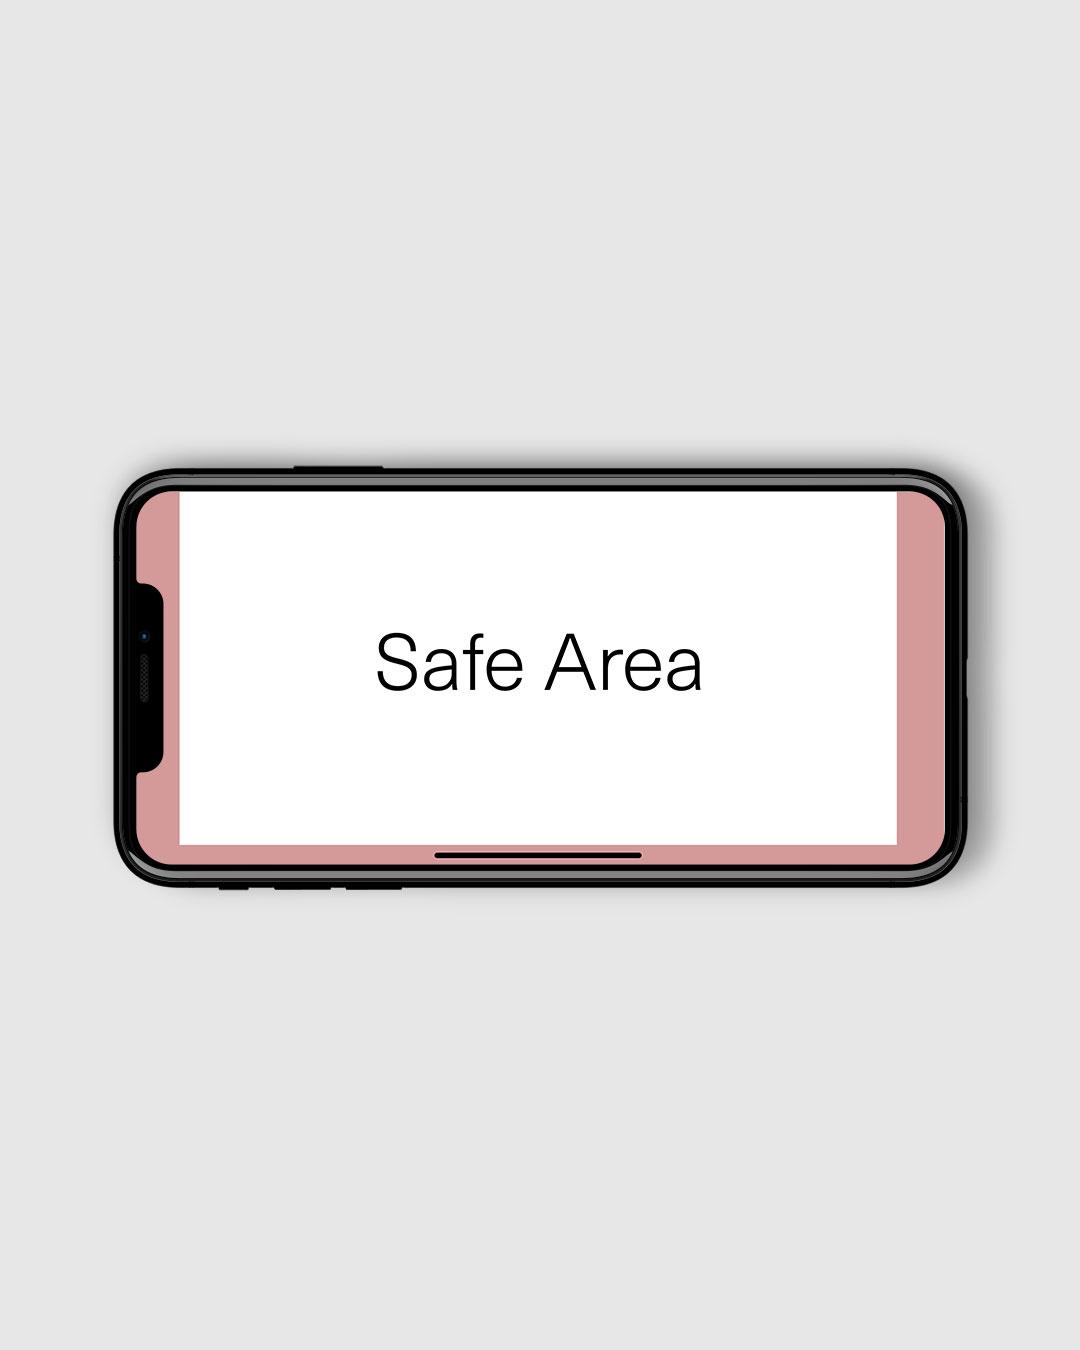 iPhone X Safe Area horisontal